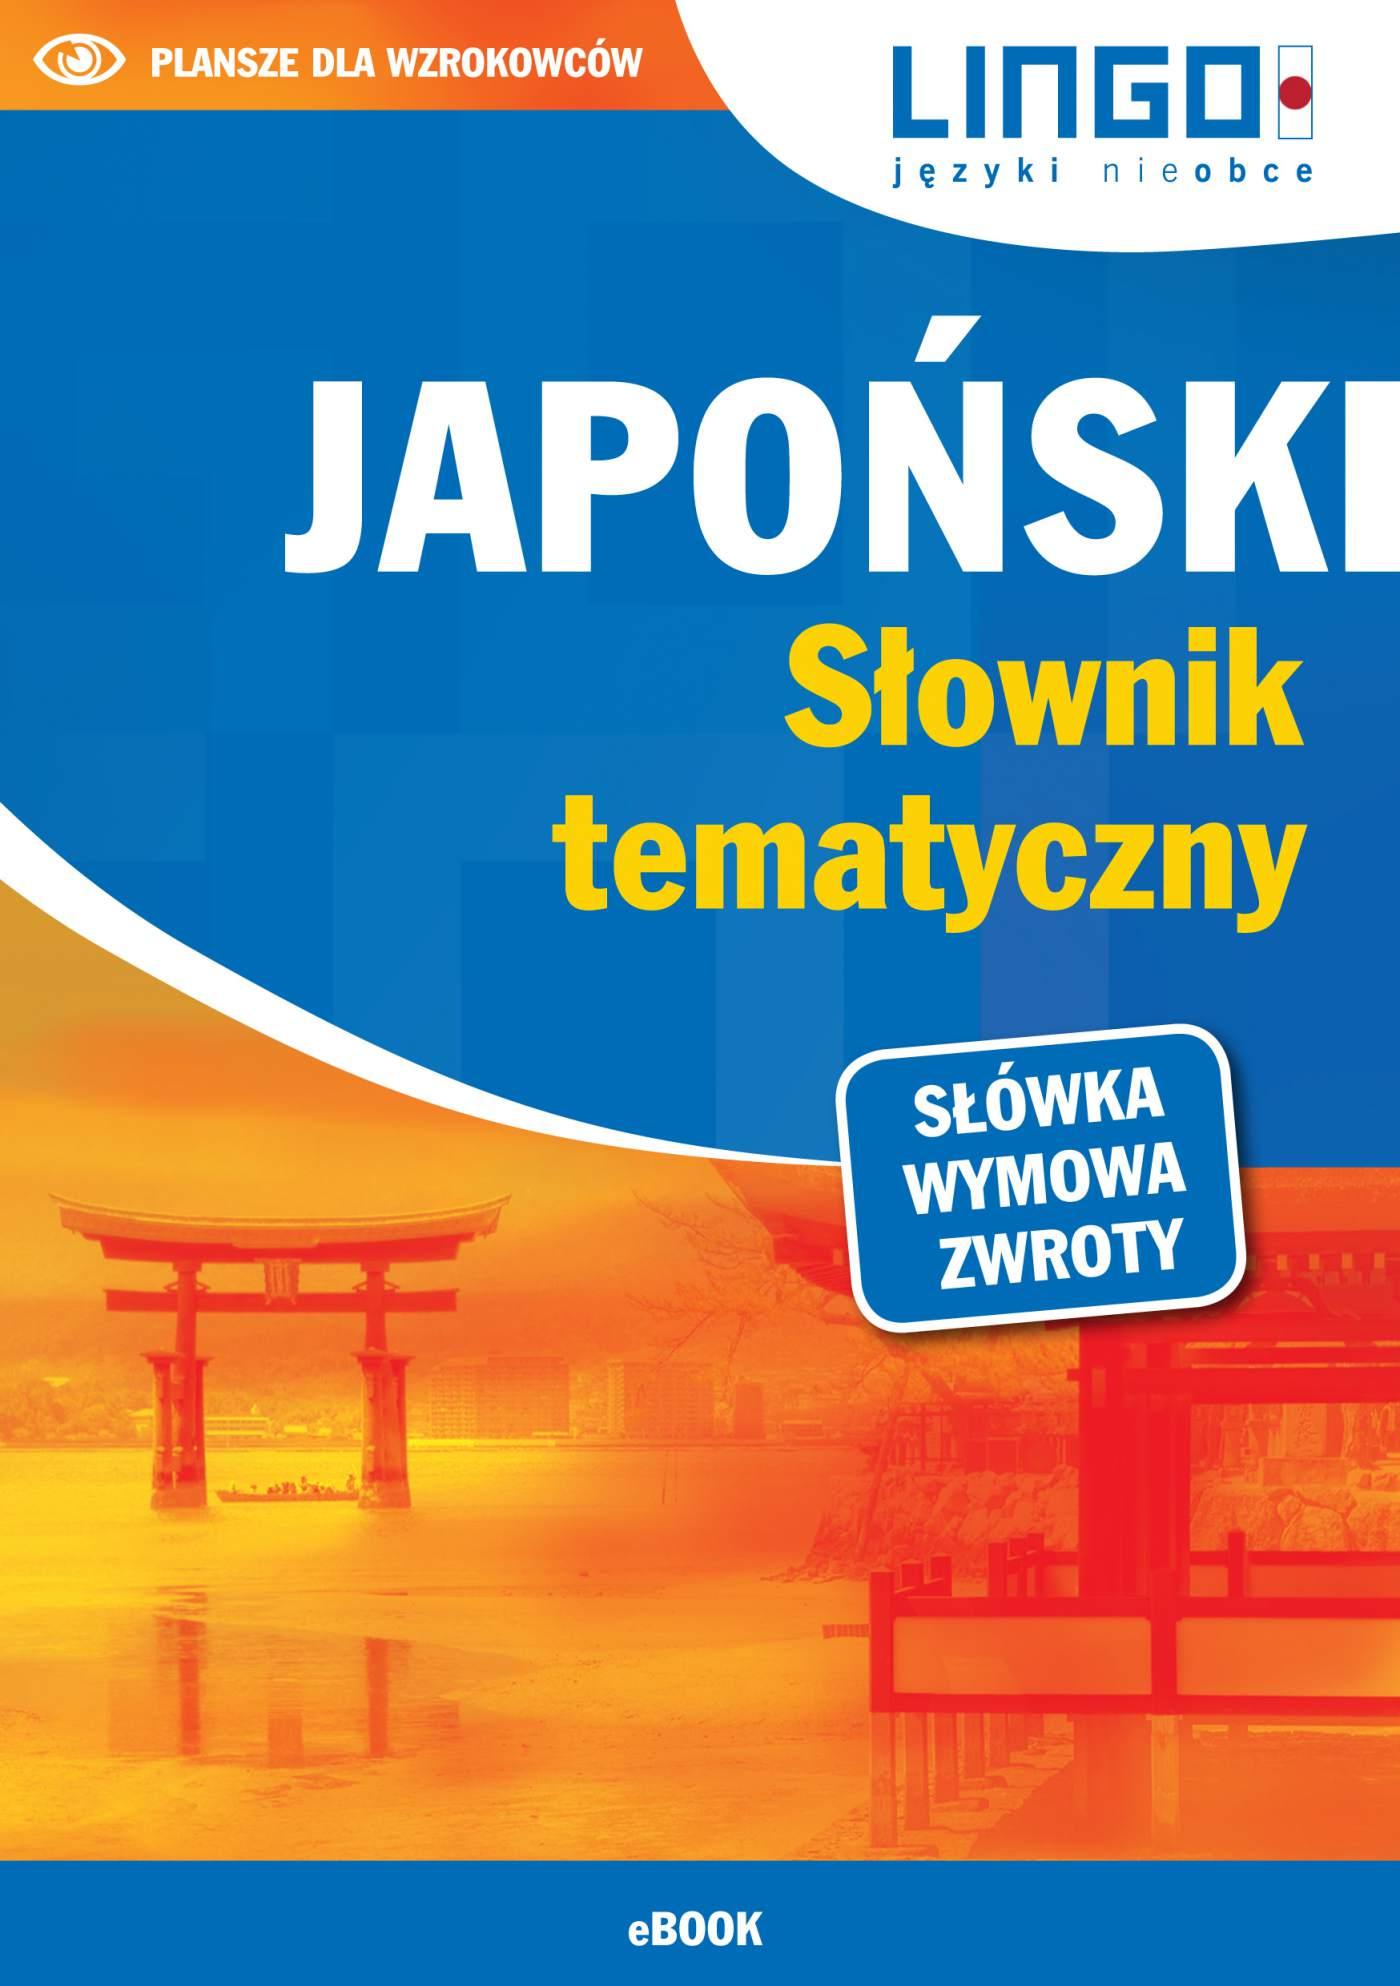 Japoński. Słownik tematyczny - Ebook (Książka PDF) do pobrania w formacie PDF